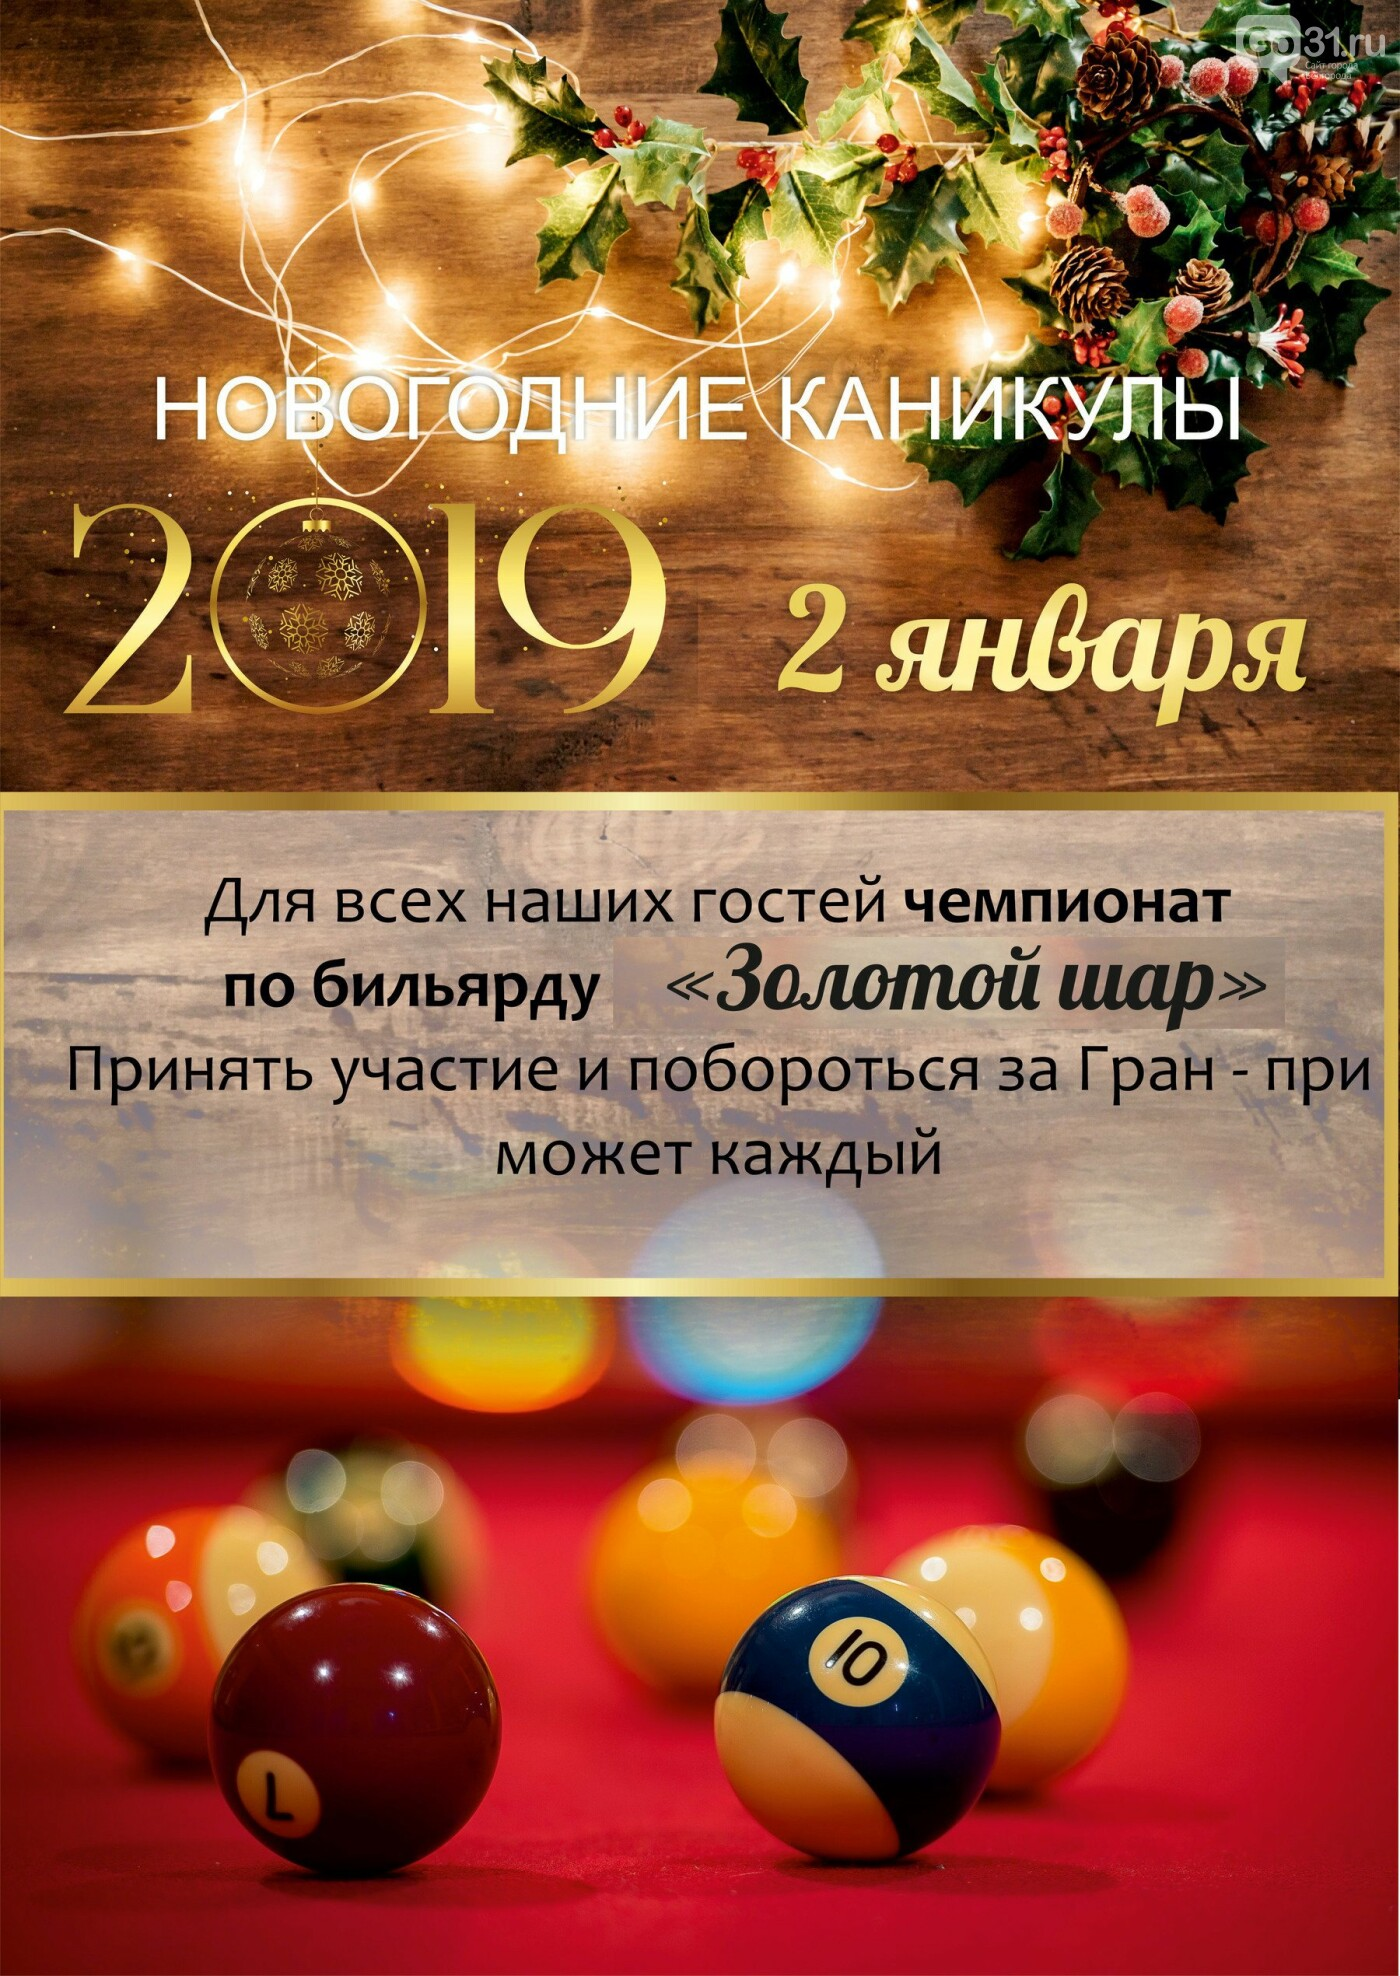 Встречайте Новый год-2019 всей семьей в санатории «Айвазовское»!, фото-4